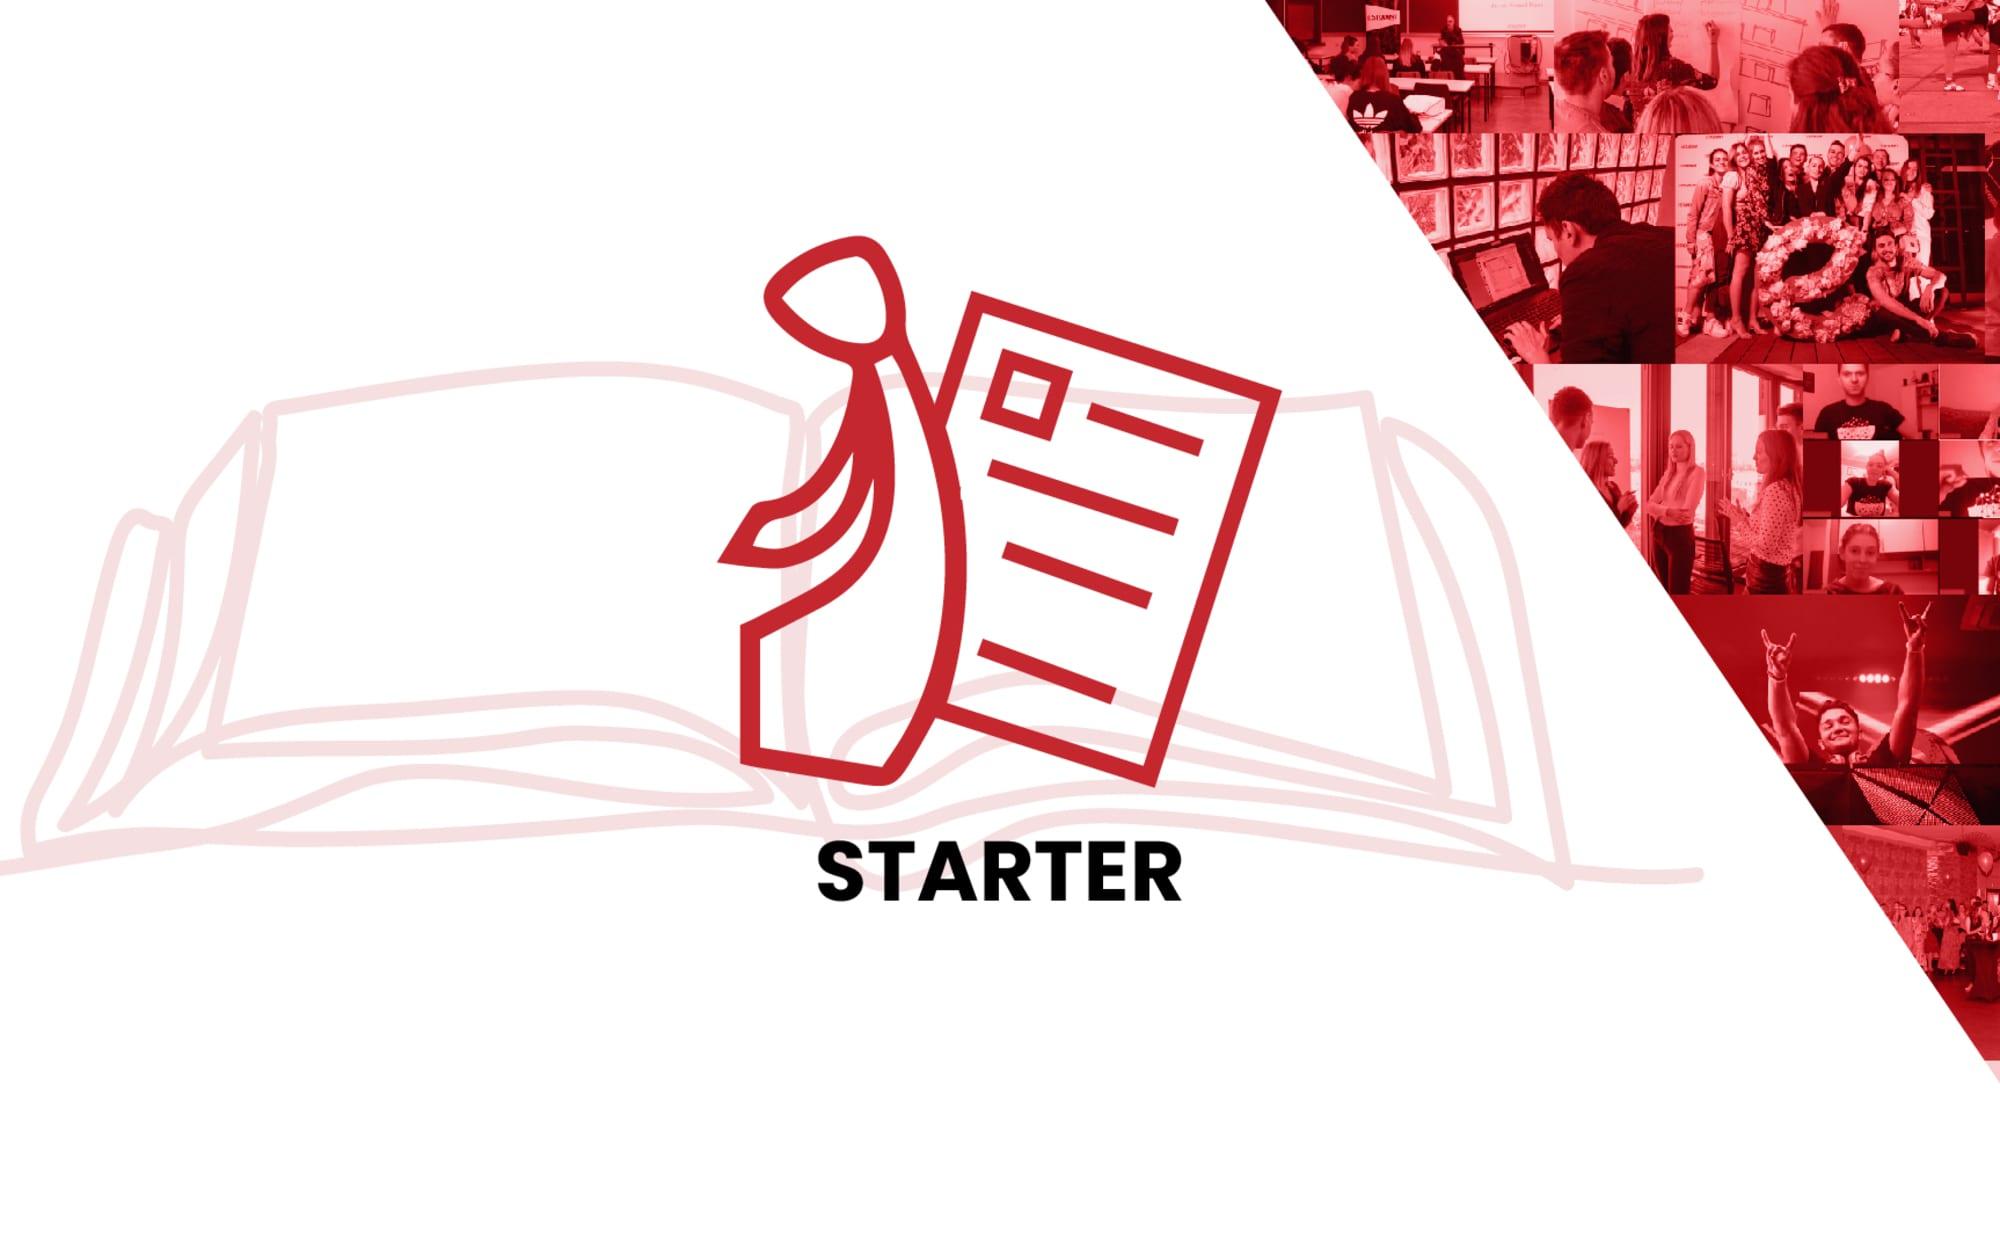 How to STARTER - otkrij čari procesa zapošljavanja